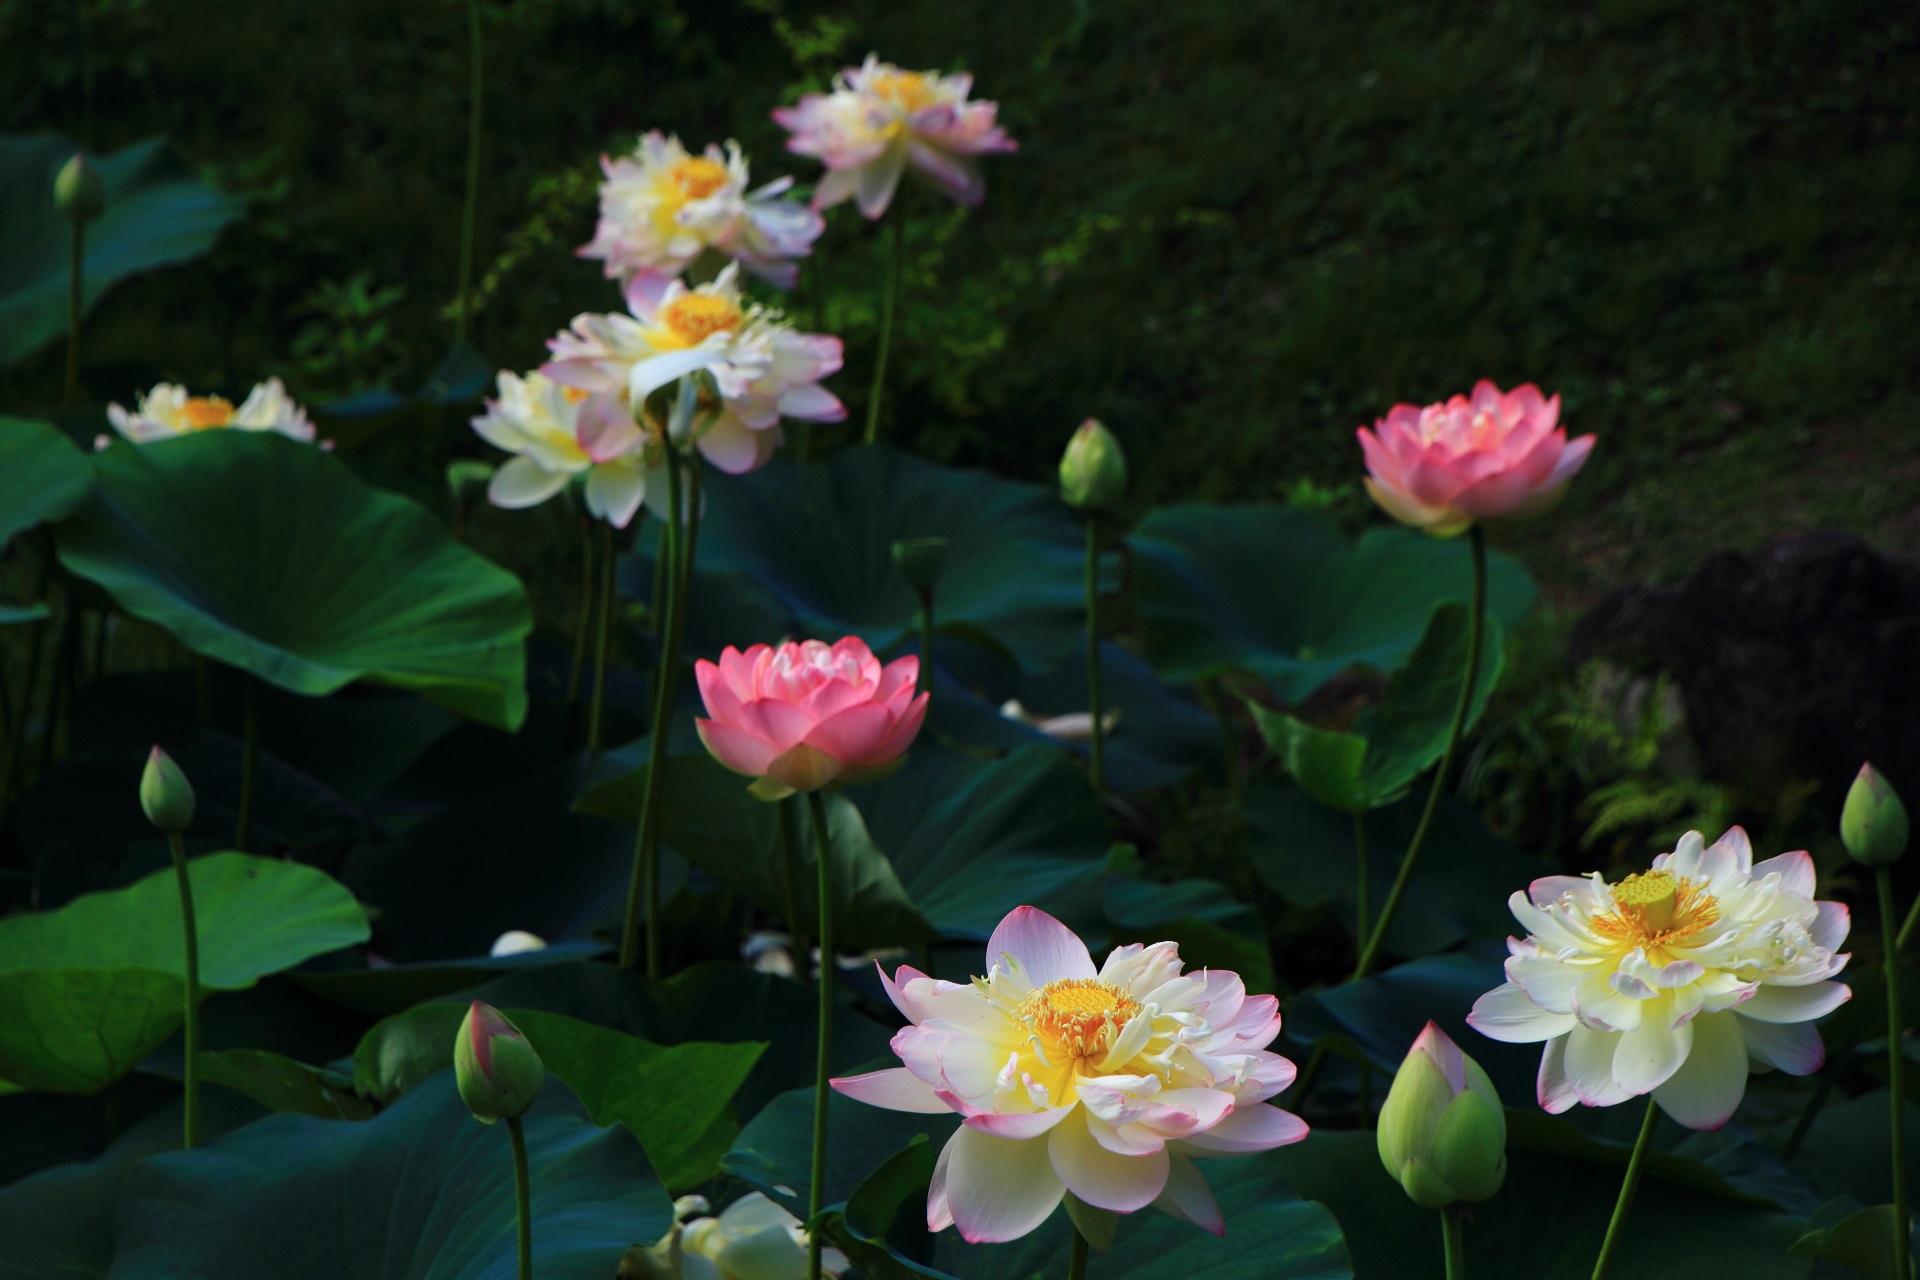 緩い日差しのもとで華やぐ紅白のおめでたい色合いの幻想的な蓮の花